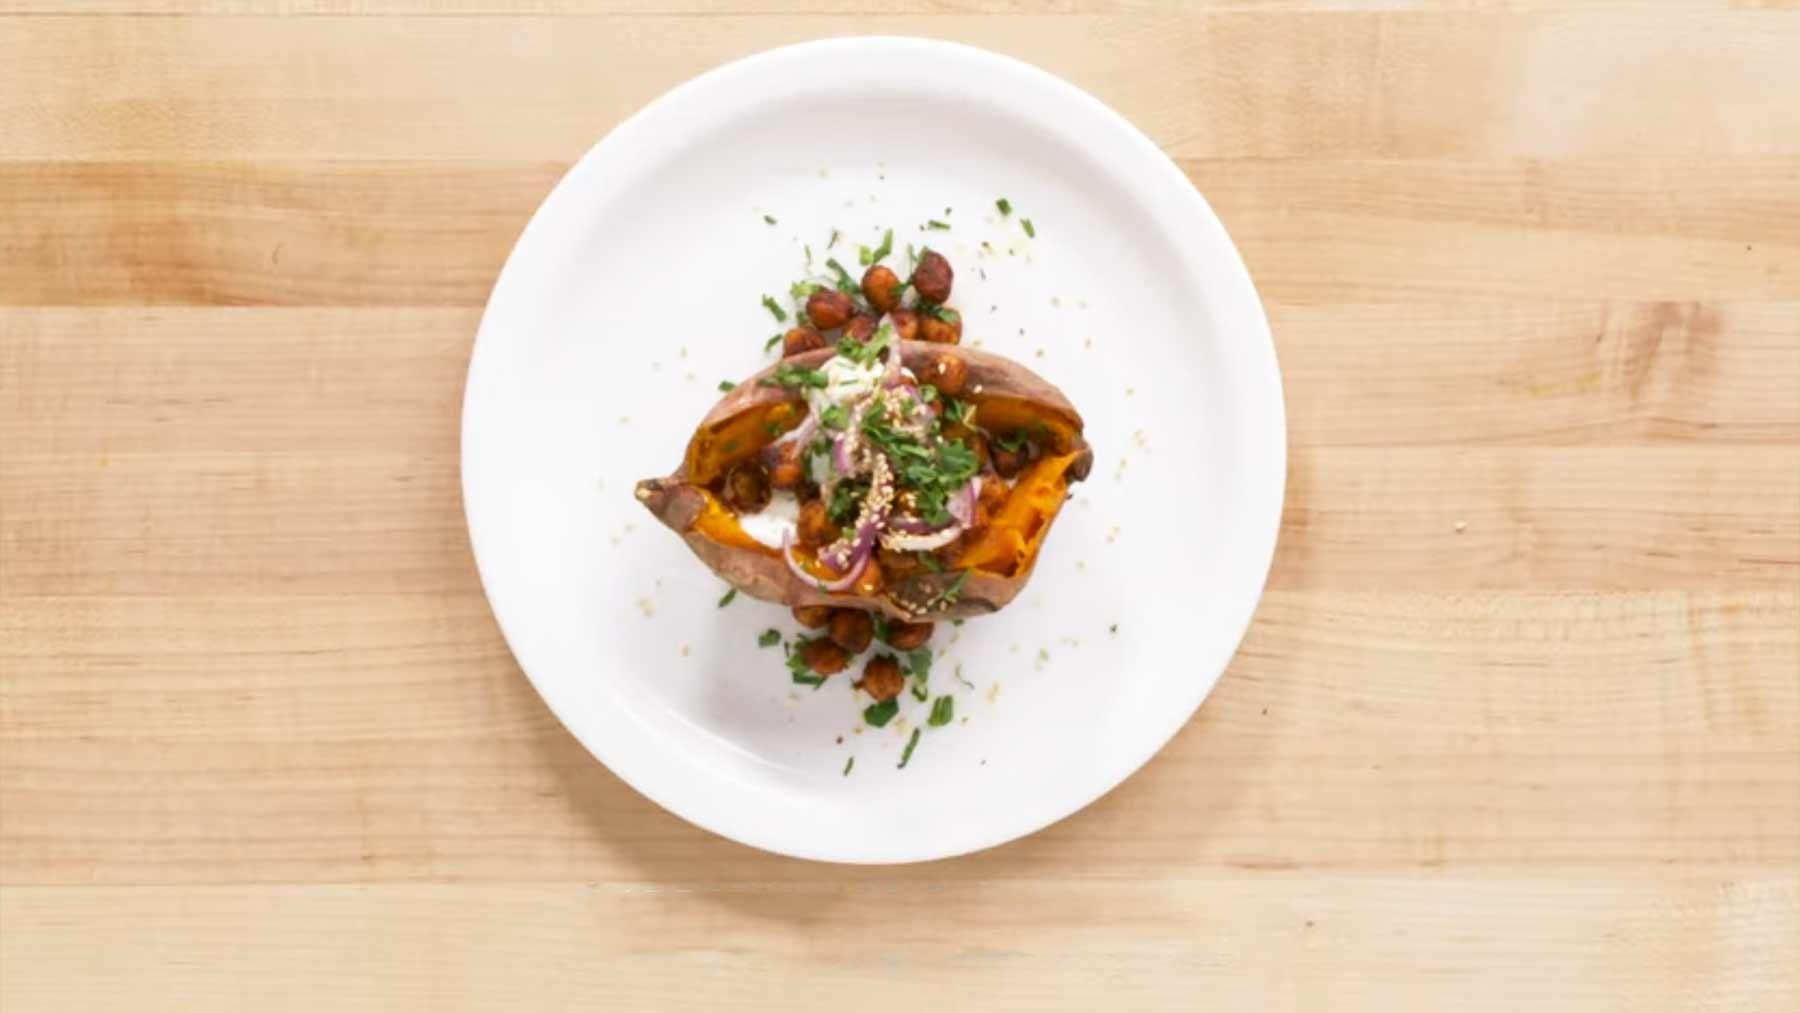 Köche unterschiedlicher Fähigkeitsstufen kochen Backkartoffeln